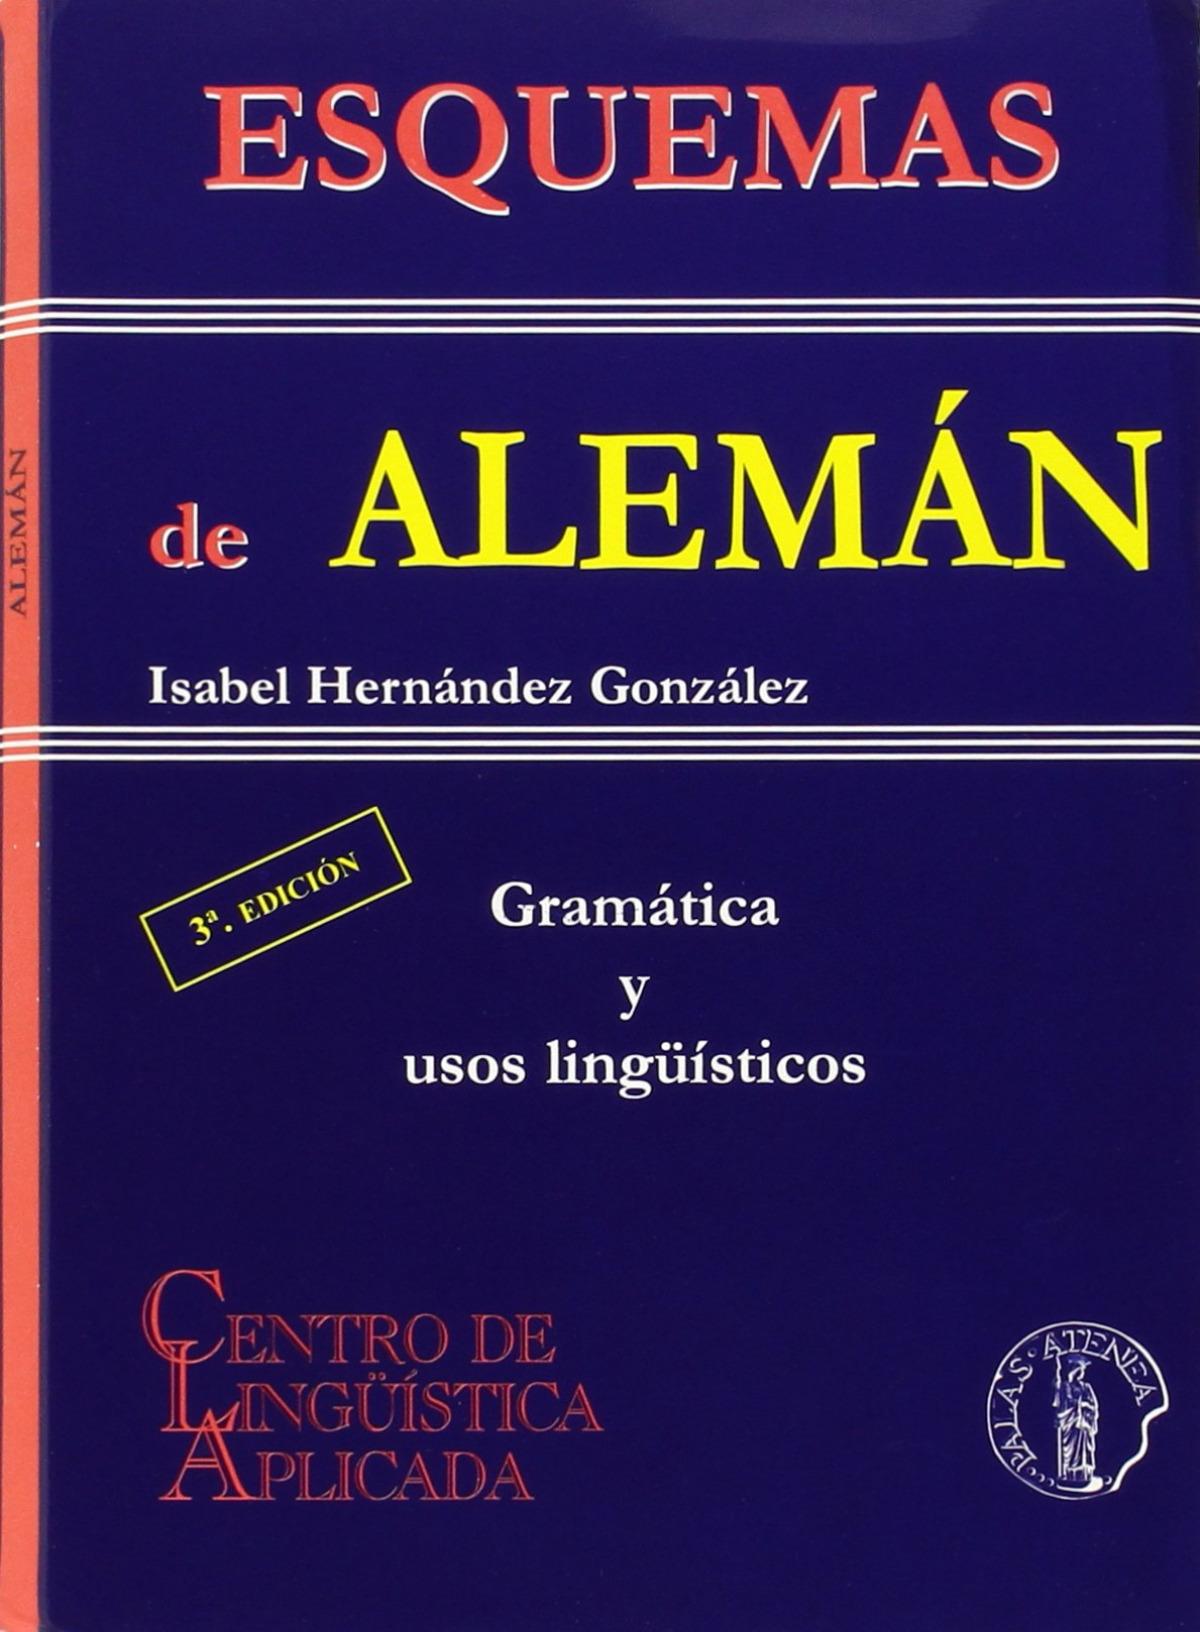 Esquemas de aleman: gramatica y usos linguisticos 9788495855596